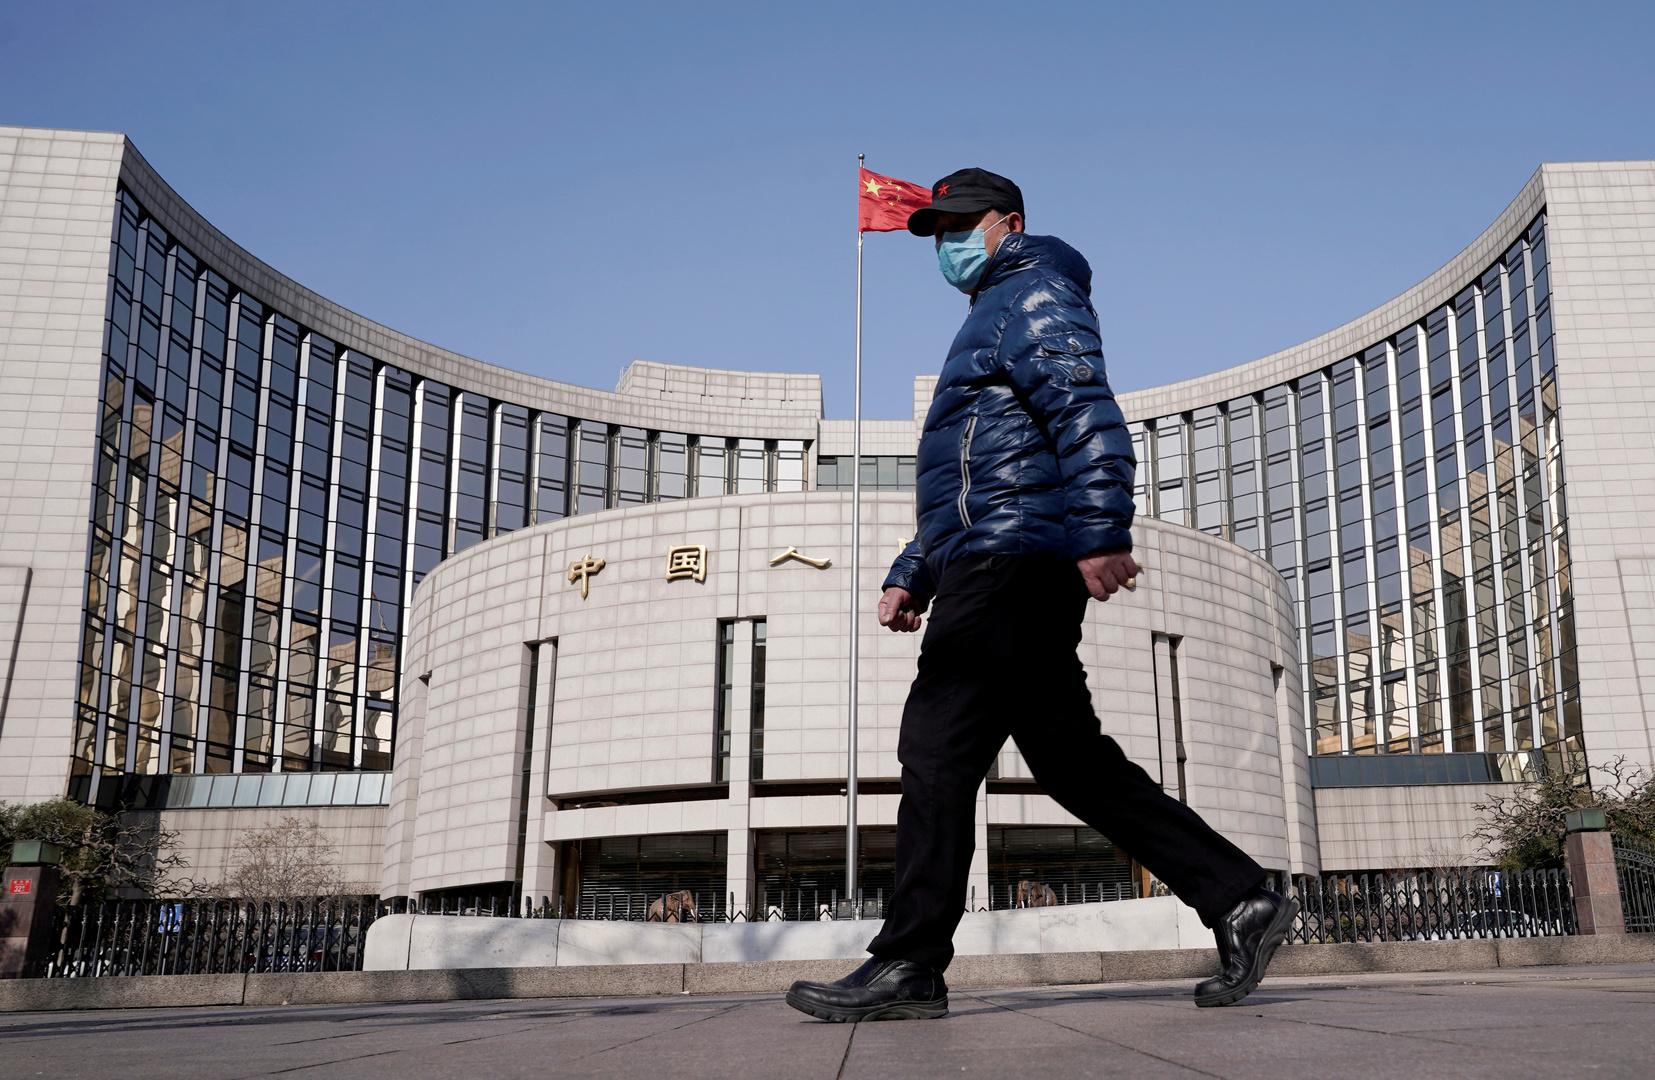 صورة من الأرشيف - البنك المركزي الصيني